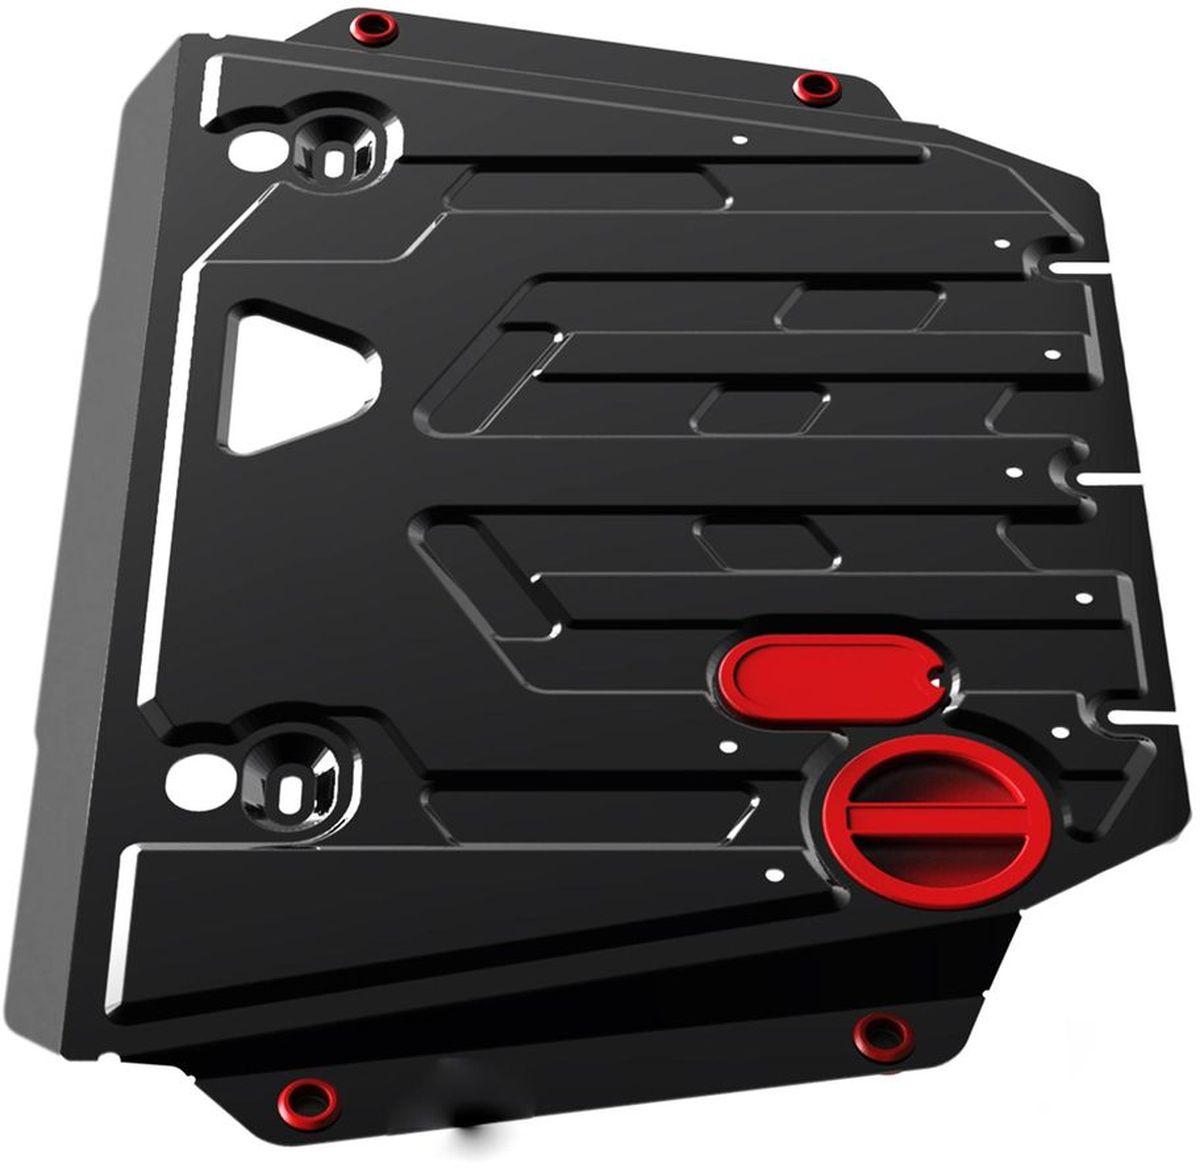 Защита картера и КПП Автоброня, для Lifan X50, V-1.5 (2014-)K100Технологически совершенный продукт за невысокую стоимость.Защита разработана с учетом особенностей днища автомобиля, что позволяет сохранить дорожный просвет с минимальным изменением.Защита устанавливается в штатные места кузова автомобиля. Глубокий штамп обеспечивает до двух раз больше жесткости в сравнении с обычной защитой той же толщины. Проштампованные ребра жесткости препятствуют деформации защиты при ударах.Тепловой зазор и вентиляционные отверстия обеспечивают сохранение температурного режима двигателя в норме. Скрытый крепеж предотвращает срыв крепежных элементов при наезде на препятствие.Шумопоглощающие резиновые элементы обеспечивают комфортную езду без вибраций и скрежета металла, а съемные лючки для слива масла и замены фильтра - экономию средств и время.Конструкция изделия не влияет на пассивную безопасность автомобиля (при ударе защита не воздействует на деформационные зоны кузова). Со штатным крепежом. В комплекте инструкция по установке.Толщина стали: 2 мм.Уважаемые клиенты!Обращаем ваше внимание, что элемент защиты имеет форму, соответствующую модели данного автомобиля. Фото служит для визуального восприятия товара и может отличаться от фактического.